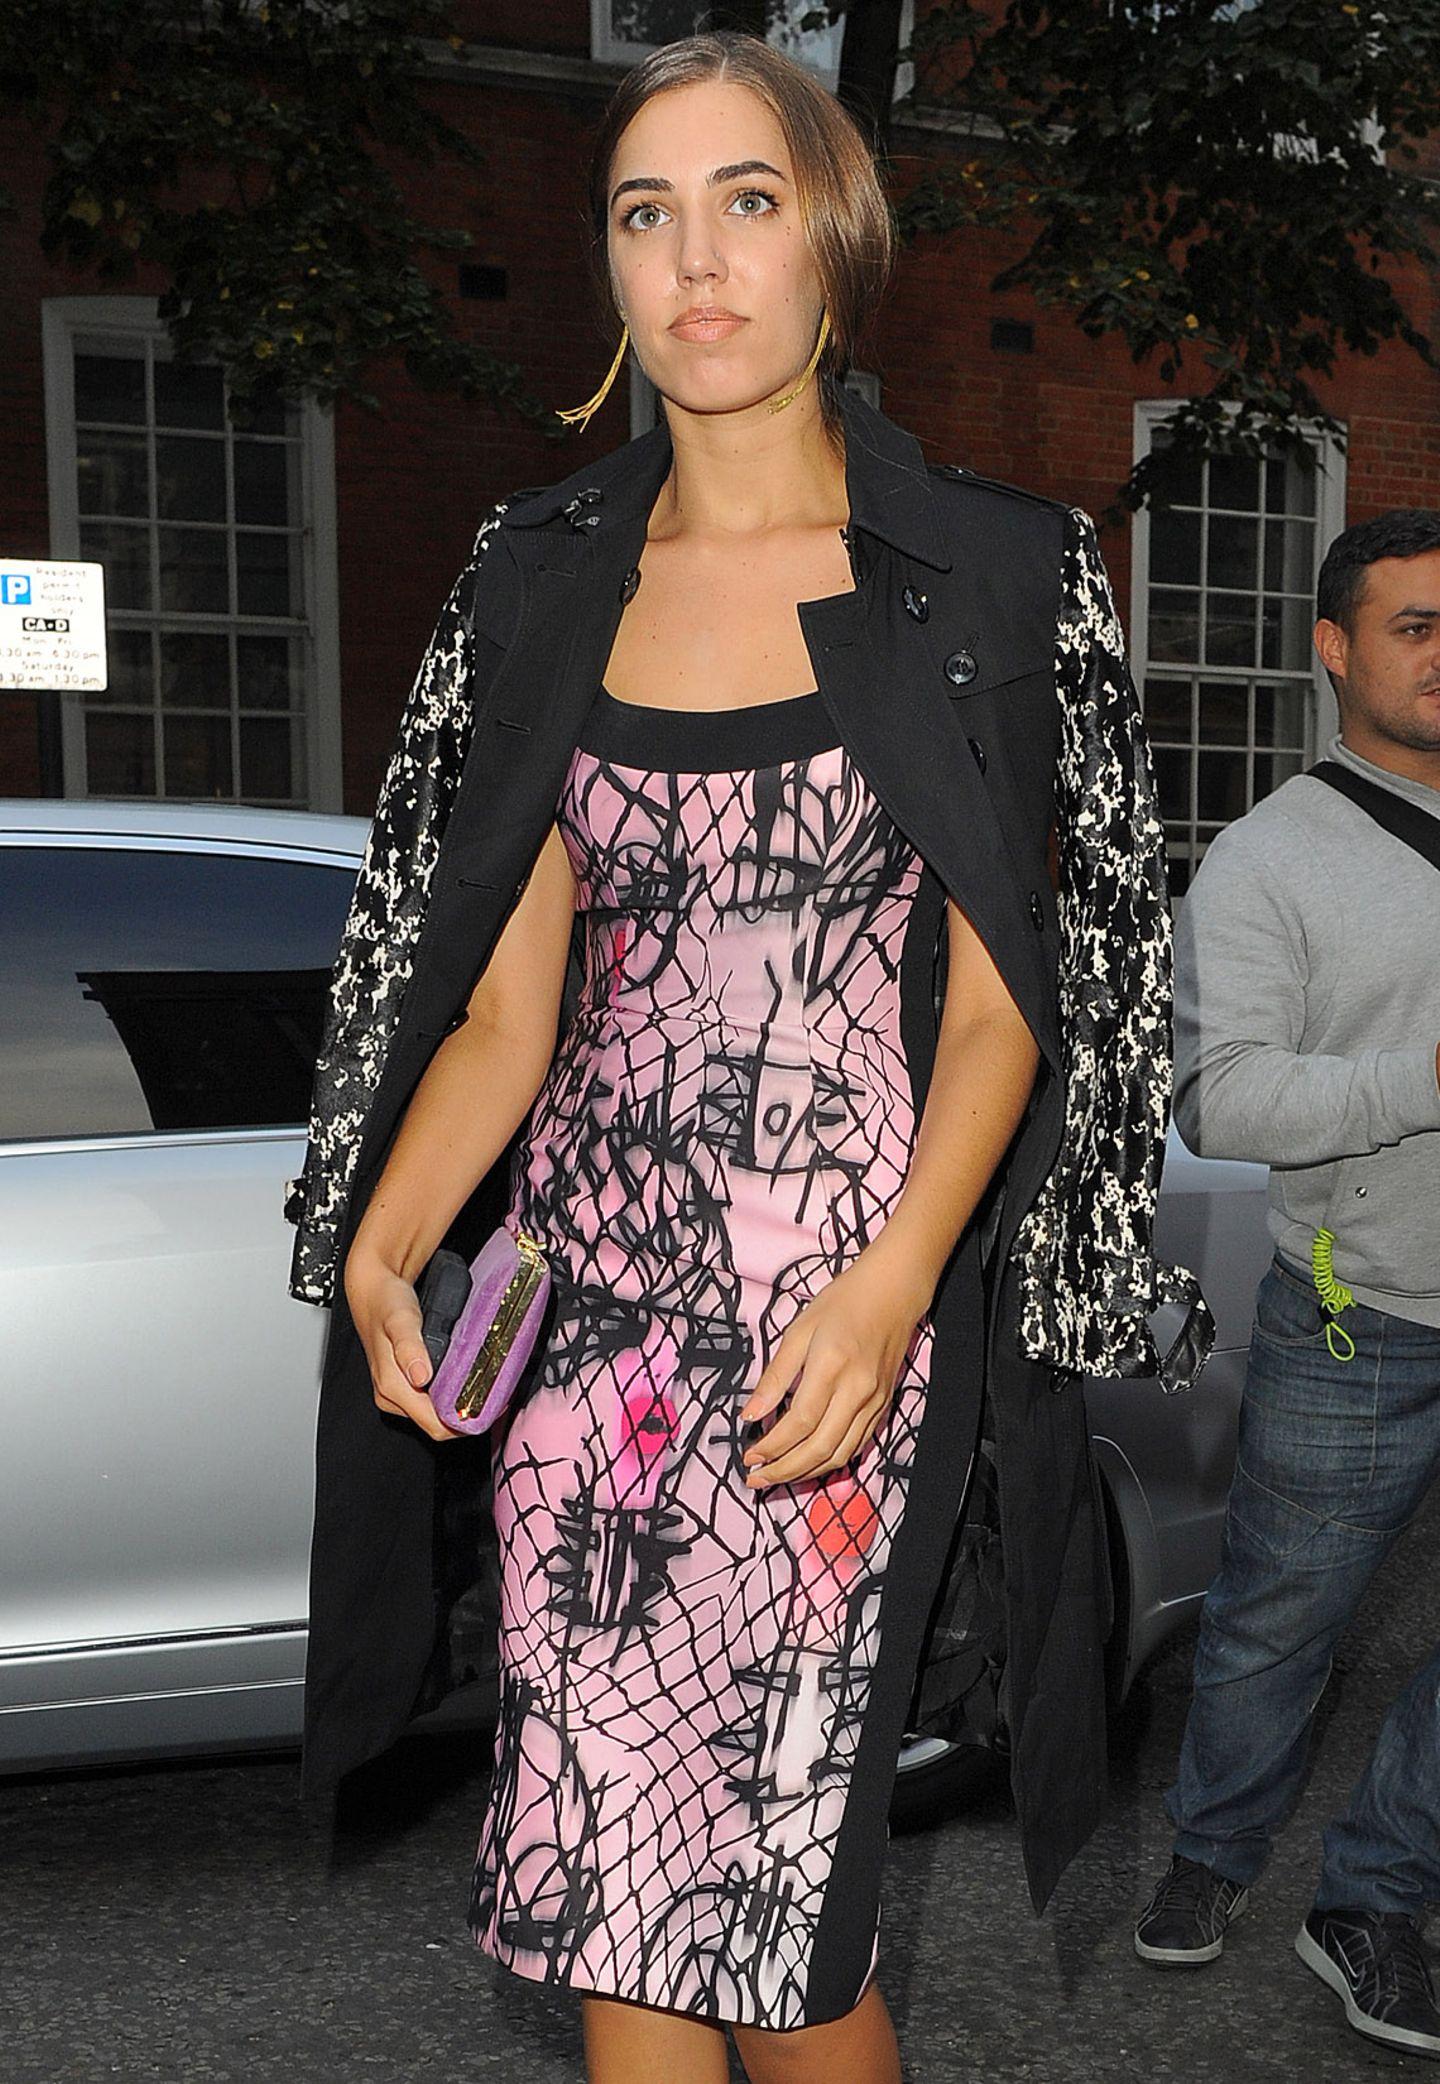 Doppelt gemoppelt hält besser: It-Girl Amber Le Bon reicht das abstraktive Muster ihres Kleid nicht und setzt mit ihrem schwarz-weiß-gemusterten Mantel lieber noch ein Muster drauf.